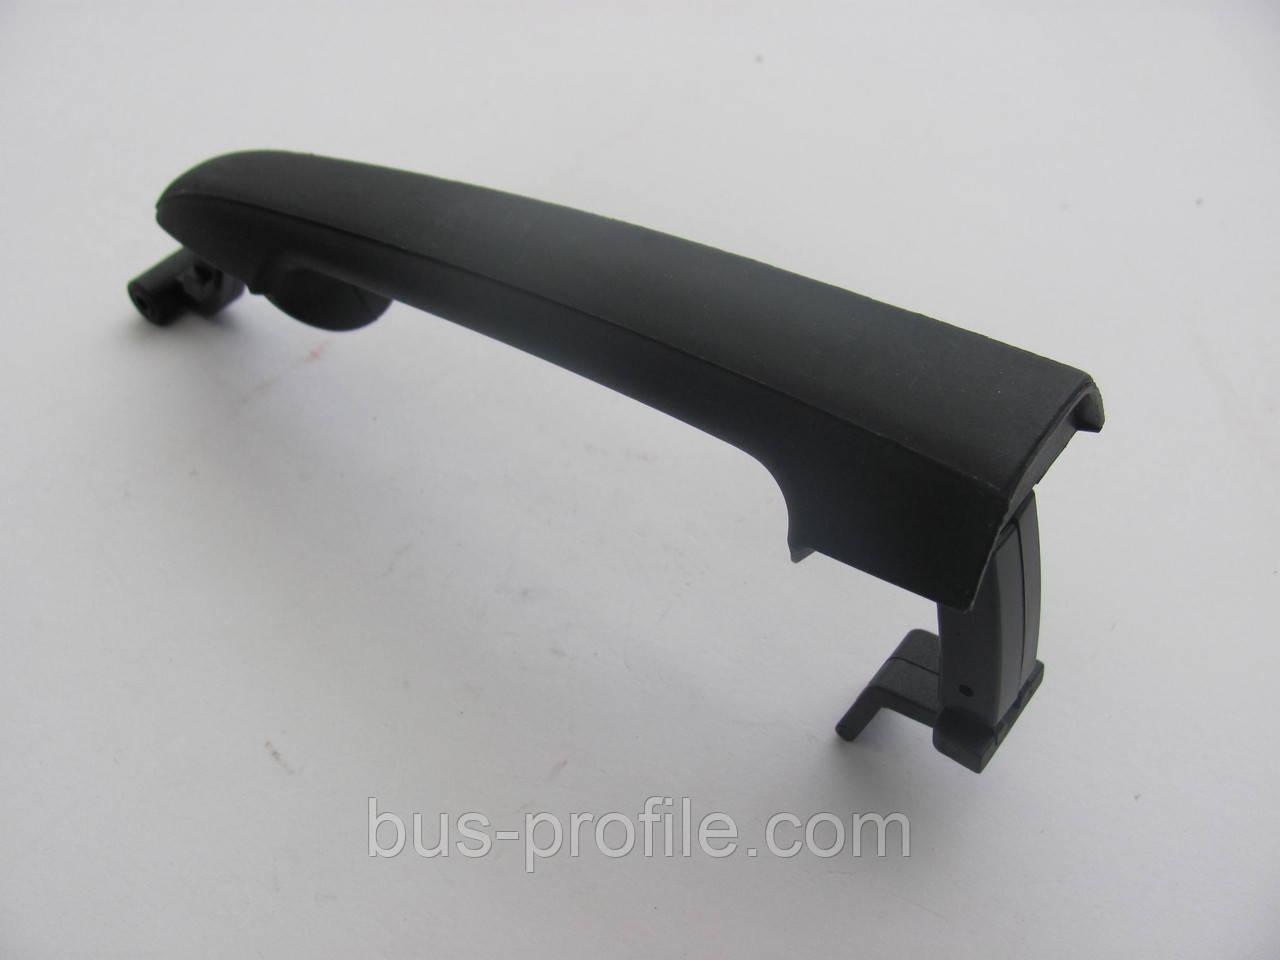 Ручка боковой и зад. двери (наружная) на MB Sprinter 906, VW Crafter 2006→ — Trucktec Automotive — 02.54.011